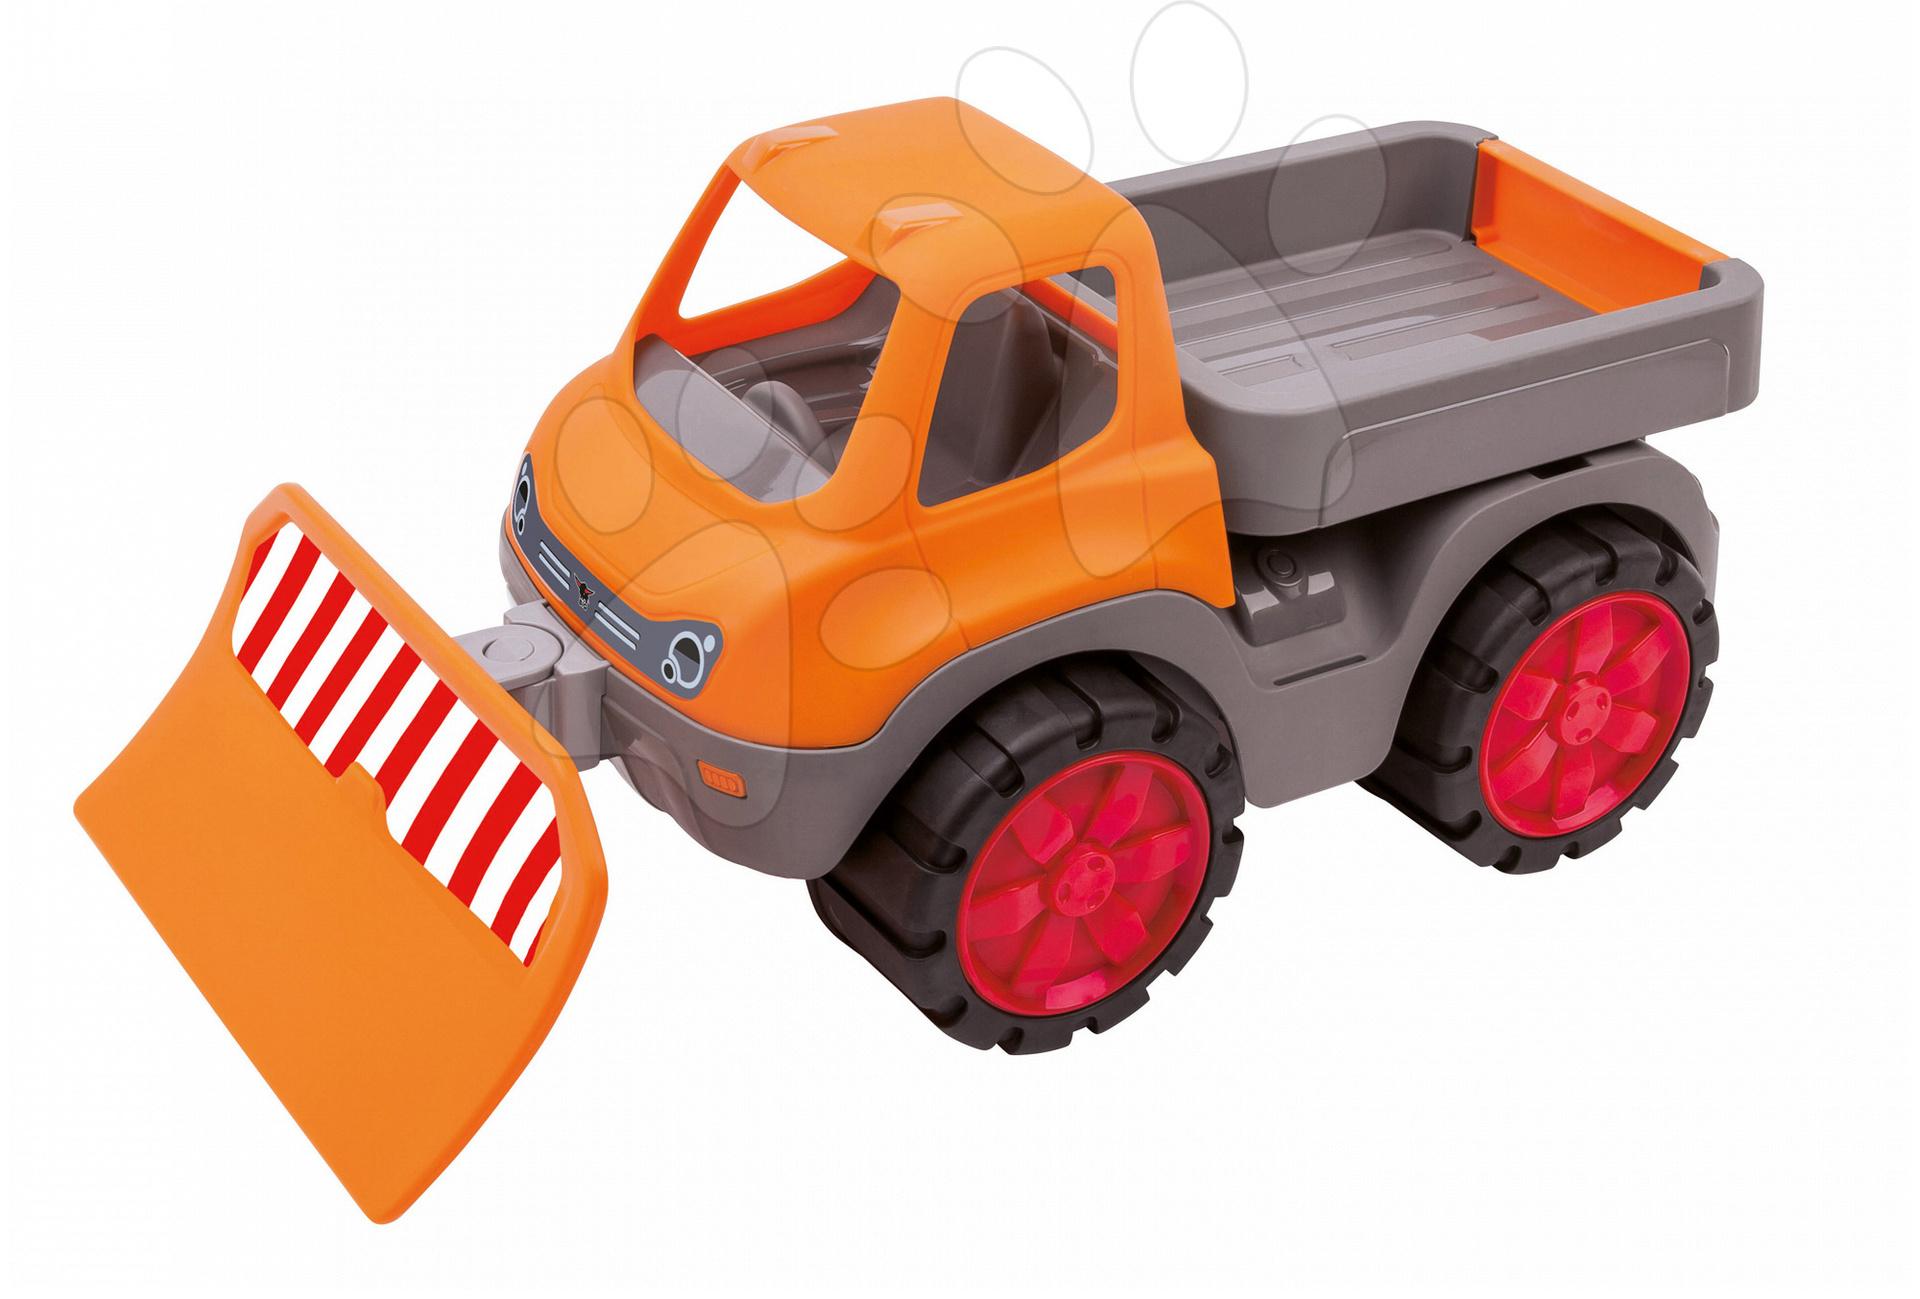 Stavebné stroje - Odhŕňač Power Service BIG dĺžka 43 cm oranžovo-sivý od 24 mes